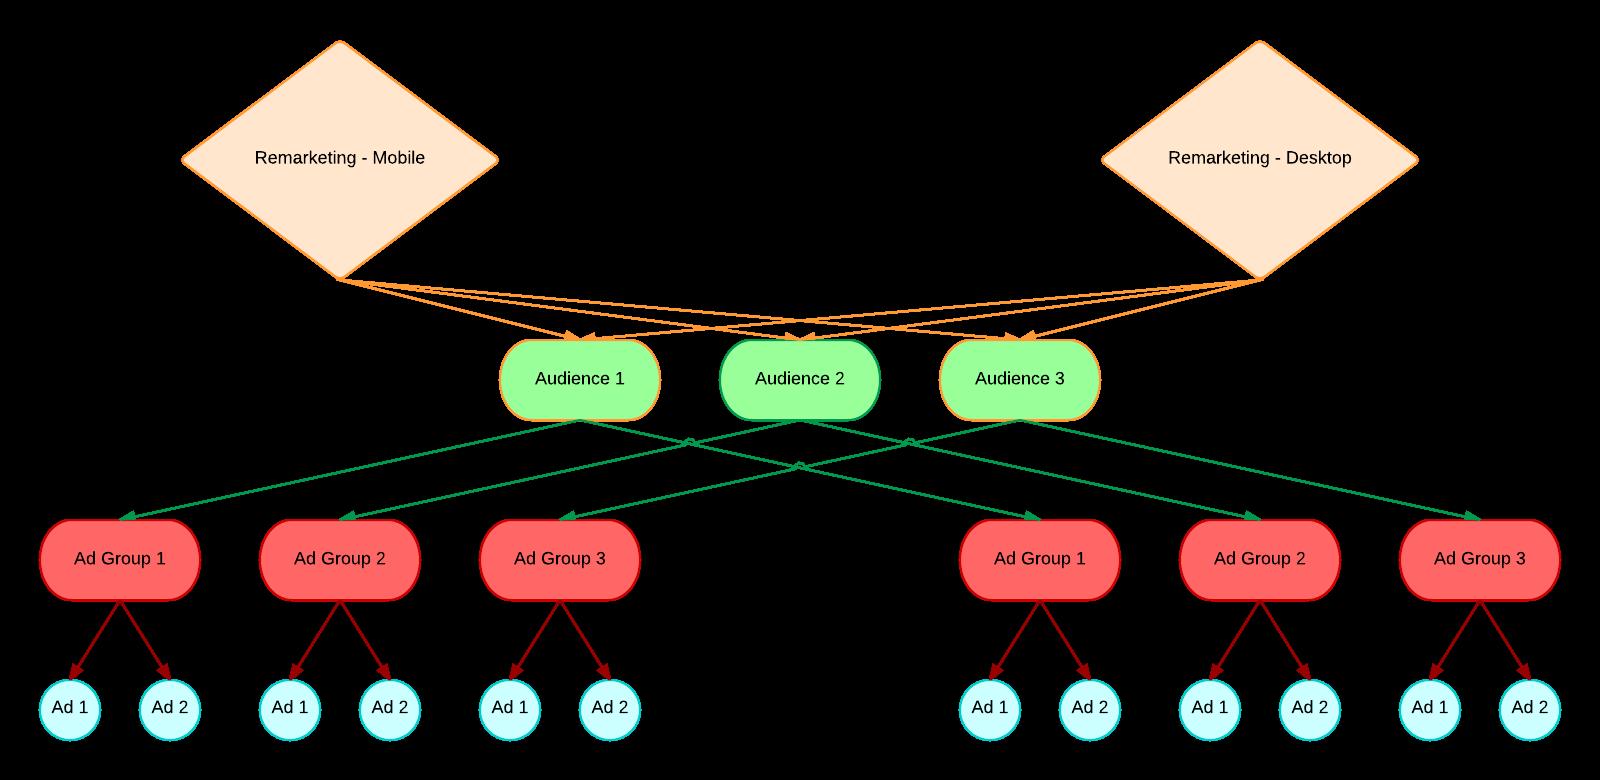 beautiful-desktop-mobile-remarketing-diagram